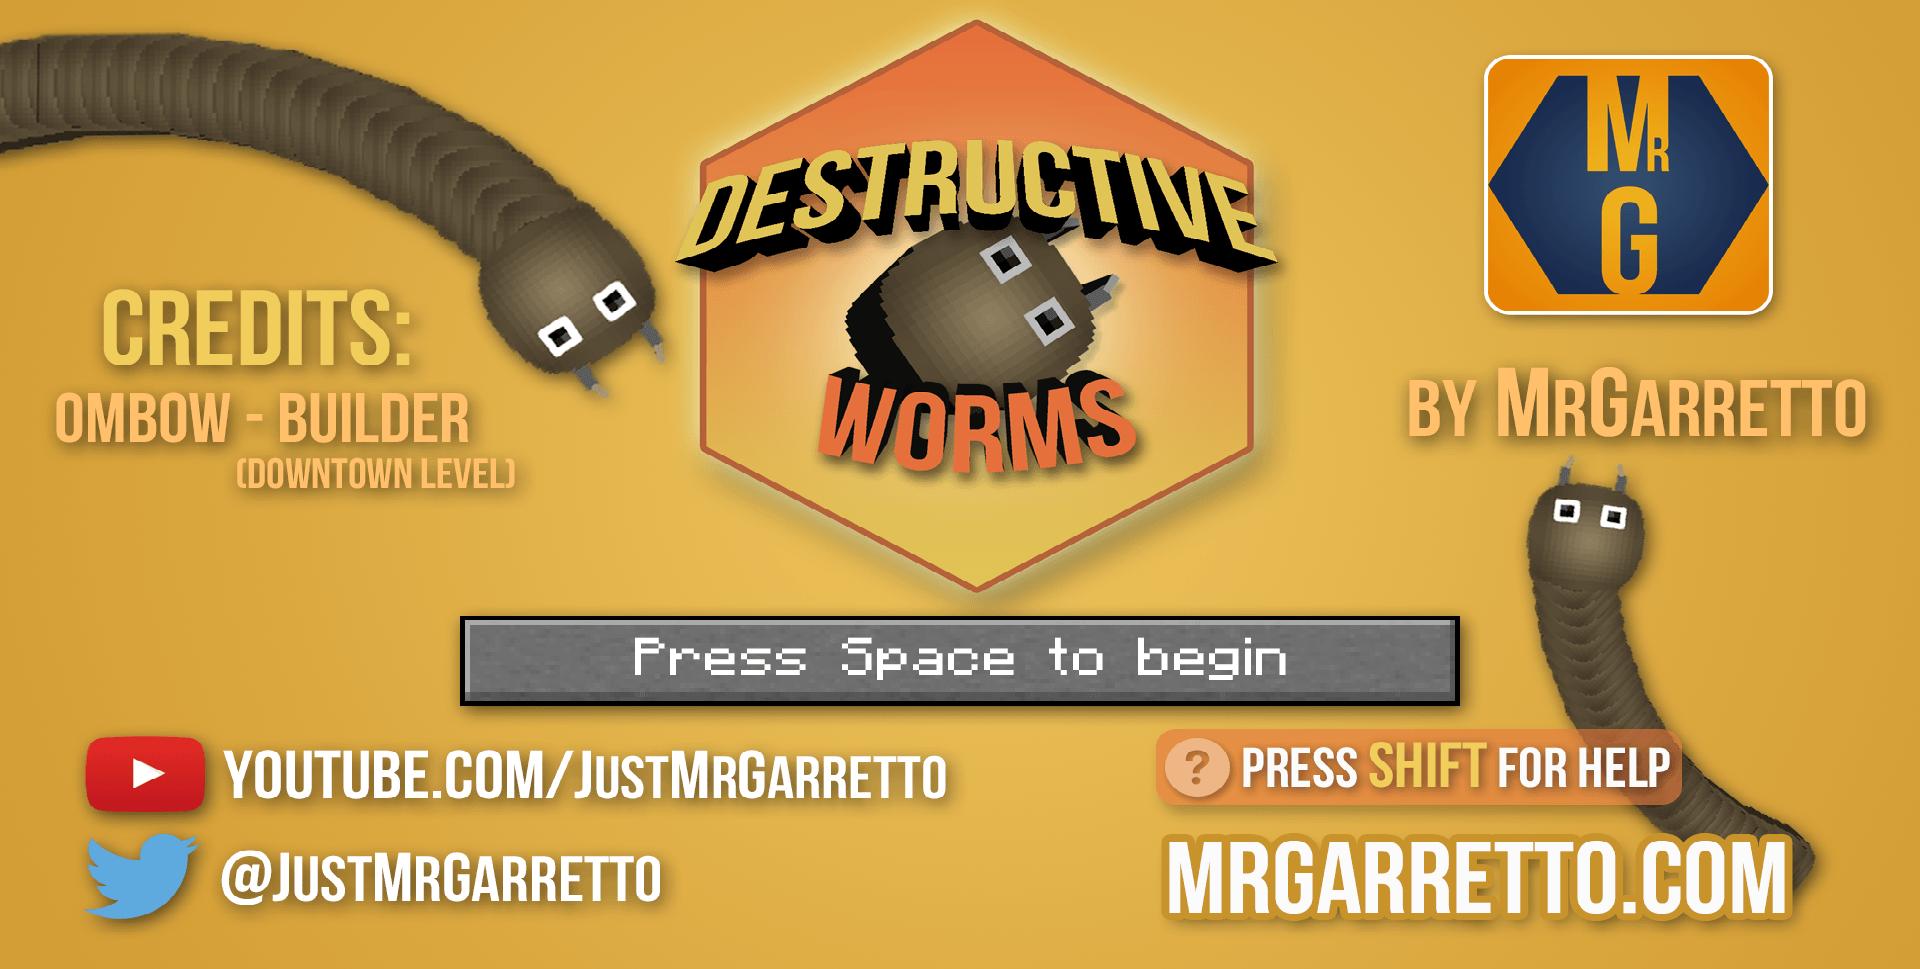 Destructive Worms - 0